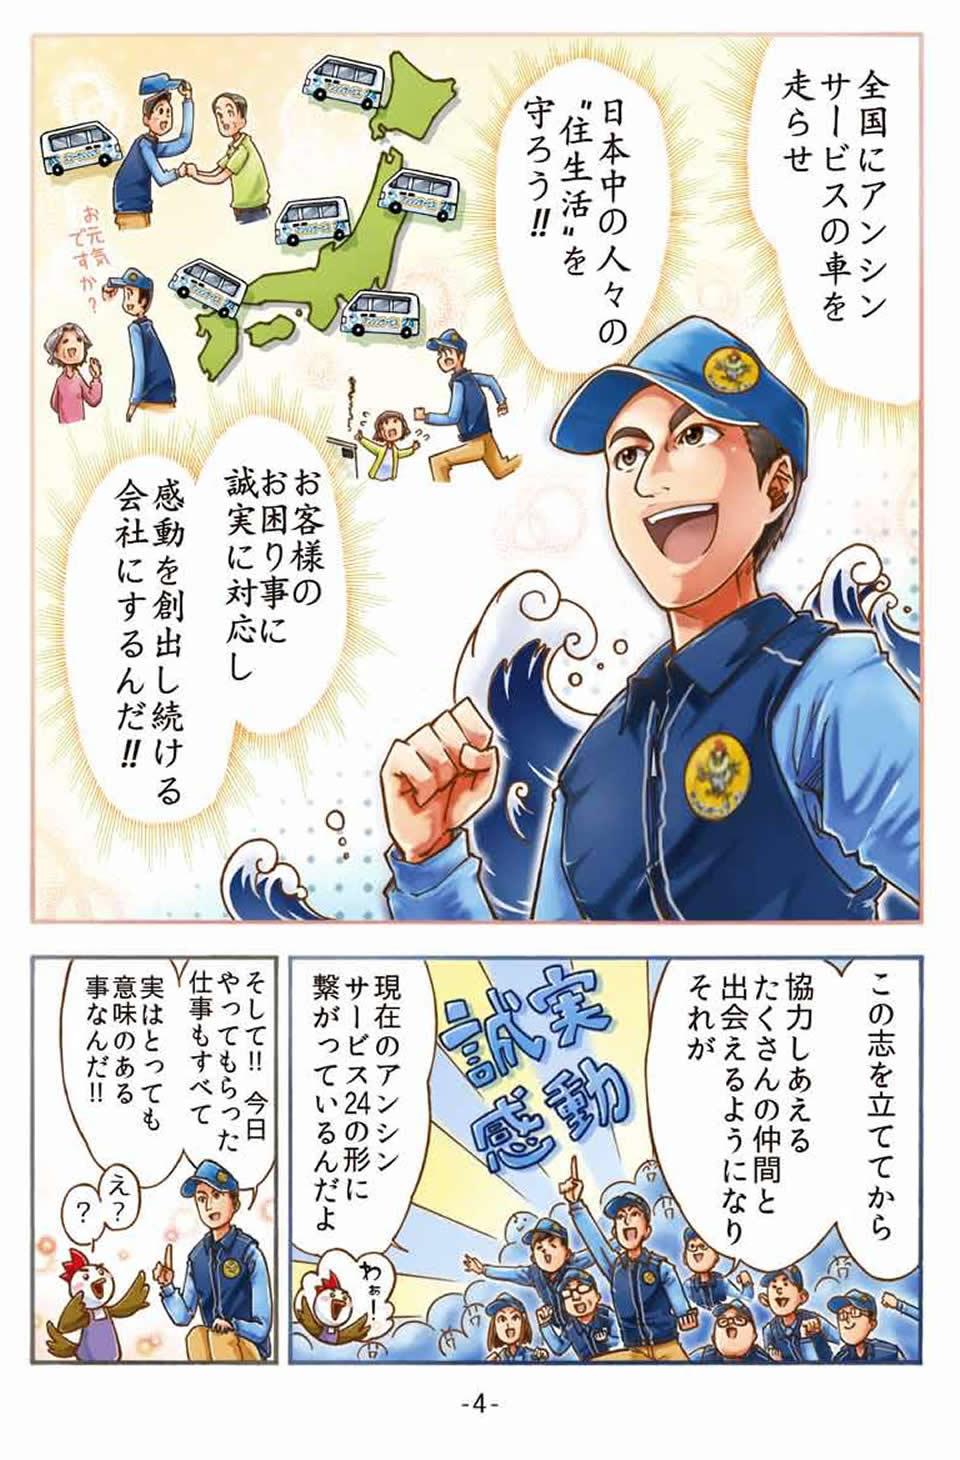 住宅設備リフォーム工事のアンシンサービス24 小林忠文安心一日体験4